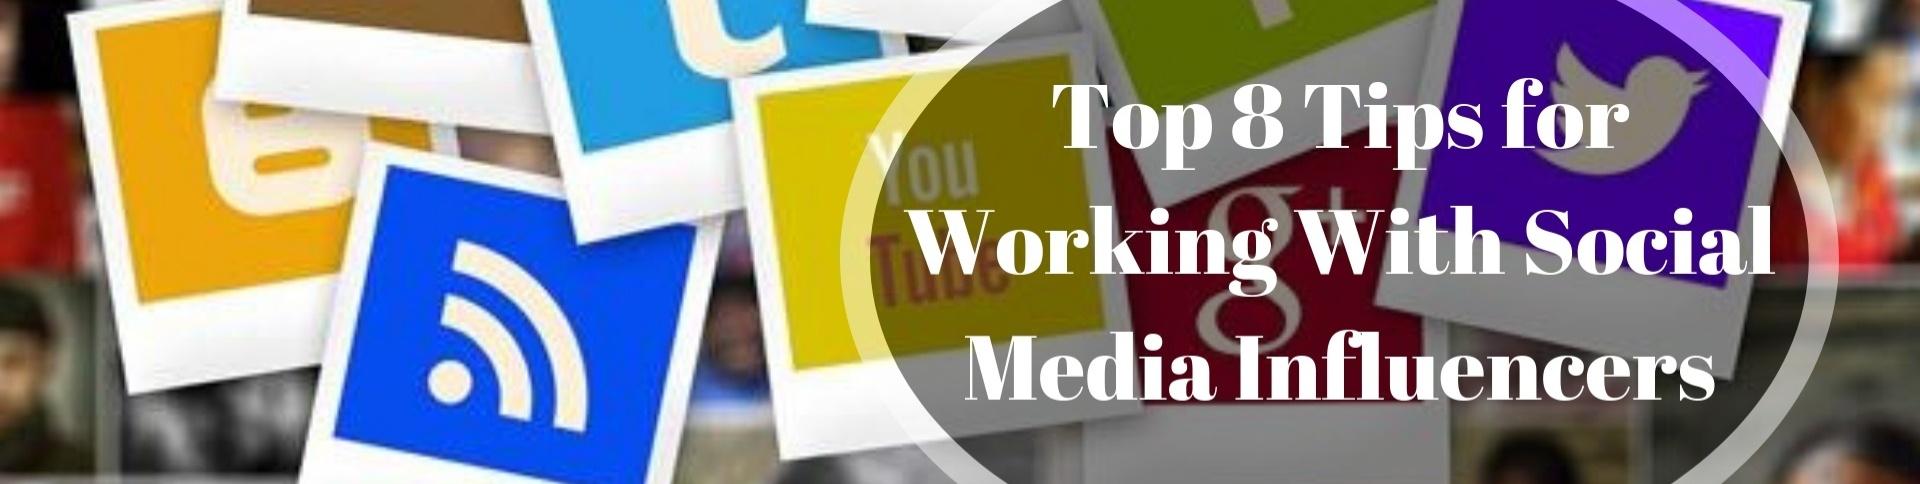 ... Array - webmaster success com u2014 how to blog blogging tips make money  rh webmaster success